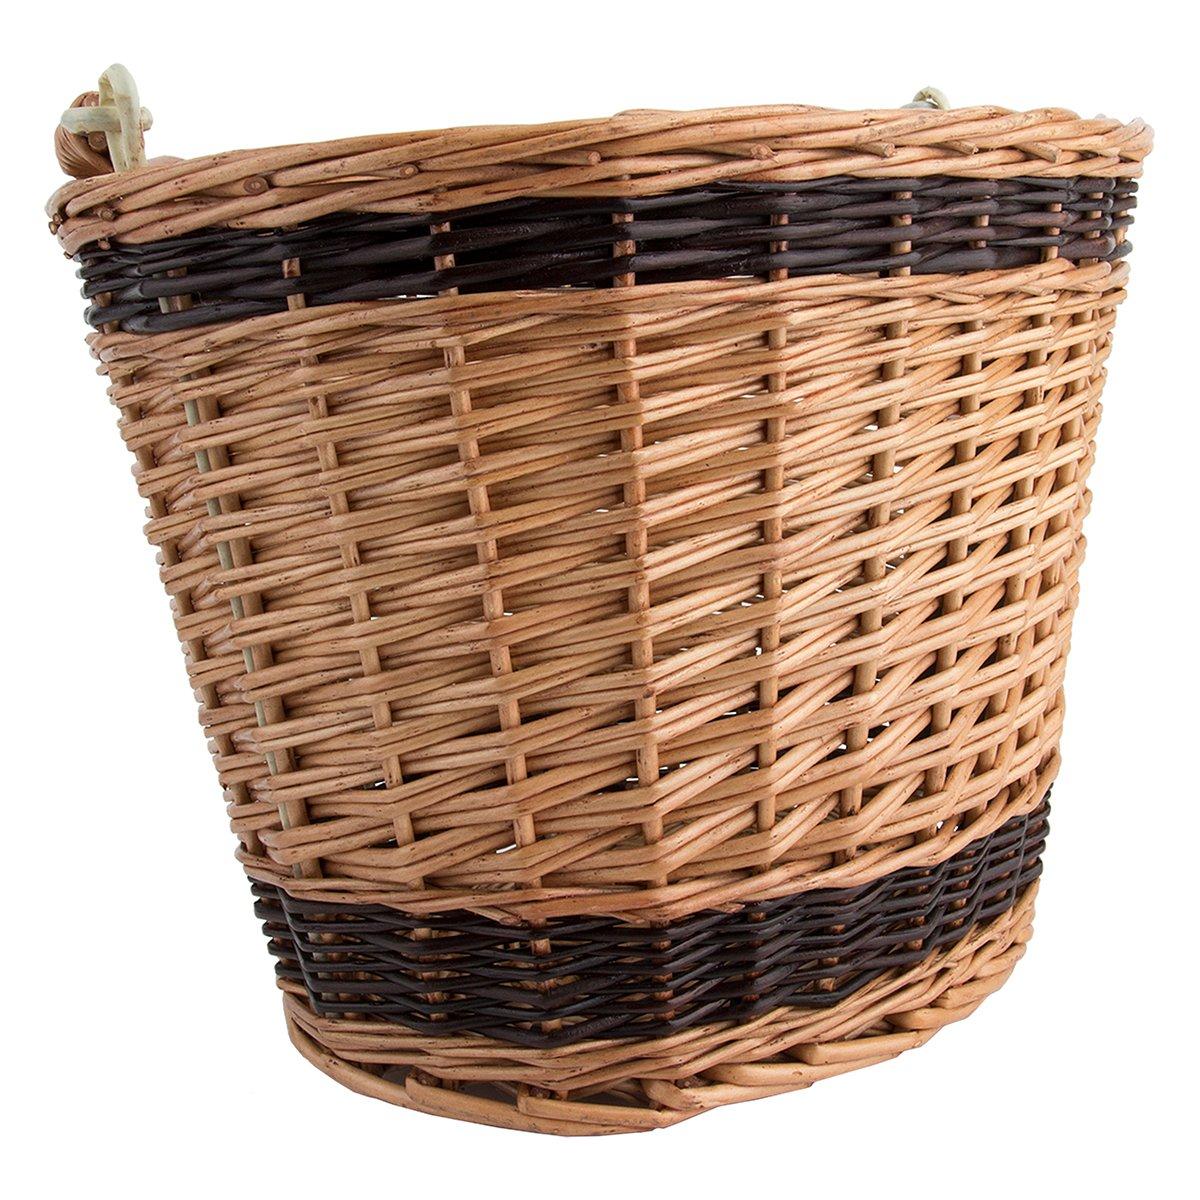 【後払い手数料無料】 Sunlite Willow Lift-Off Willow Basket Lift-Off by Sunlite Sunlite B00C45J5XC, ペアリングと刻印の専門店 j-fourm:3bded1a0 --- ballyshannonshow.com